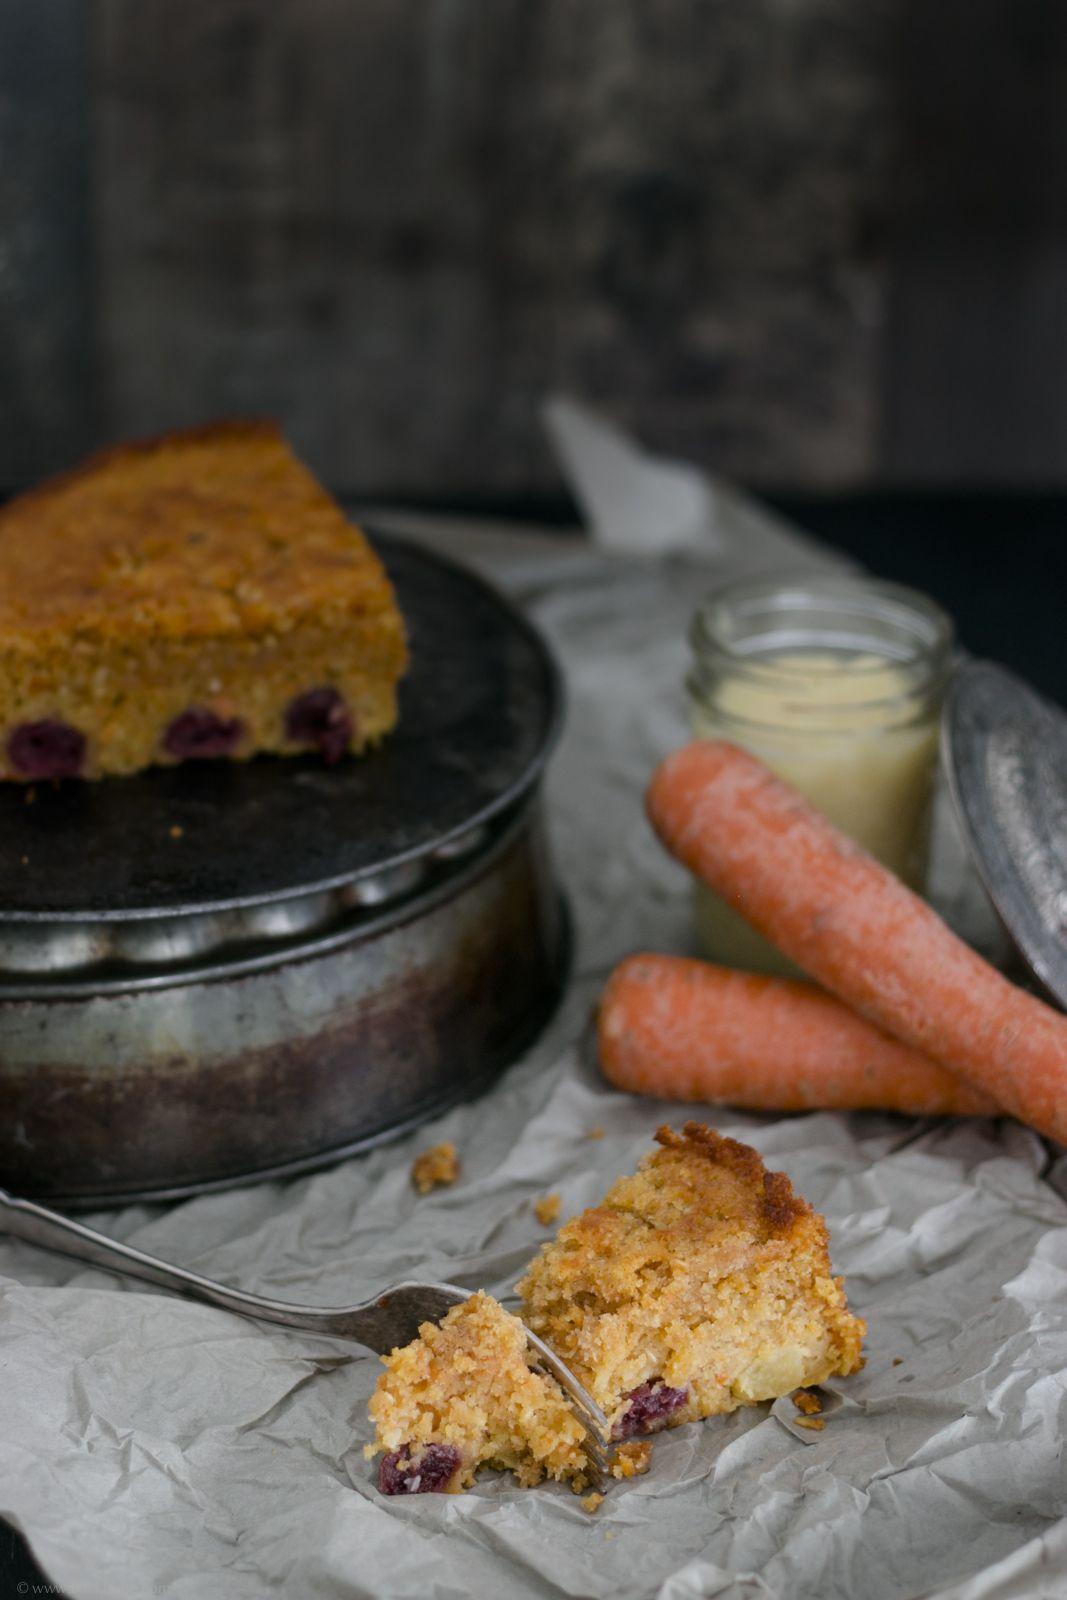 Saftiger, amerikanischer Karottenkuchen mit Kirschen – kleine Dinge erhalten die Freundschaft – Backbube Foodblog / moist american carrot cake with cherries